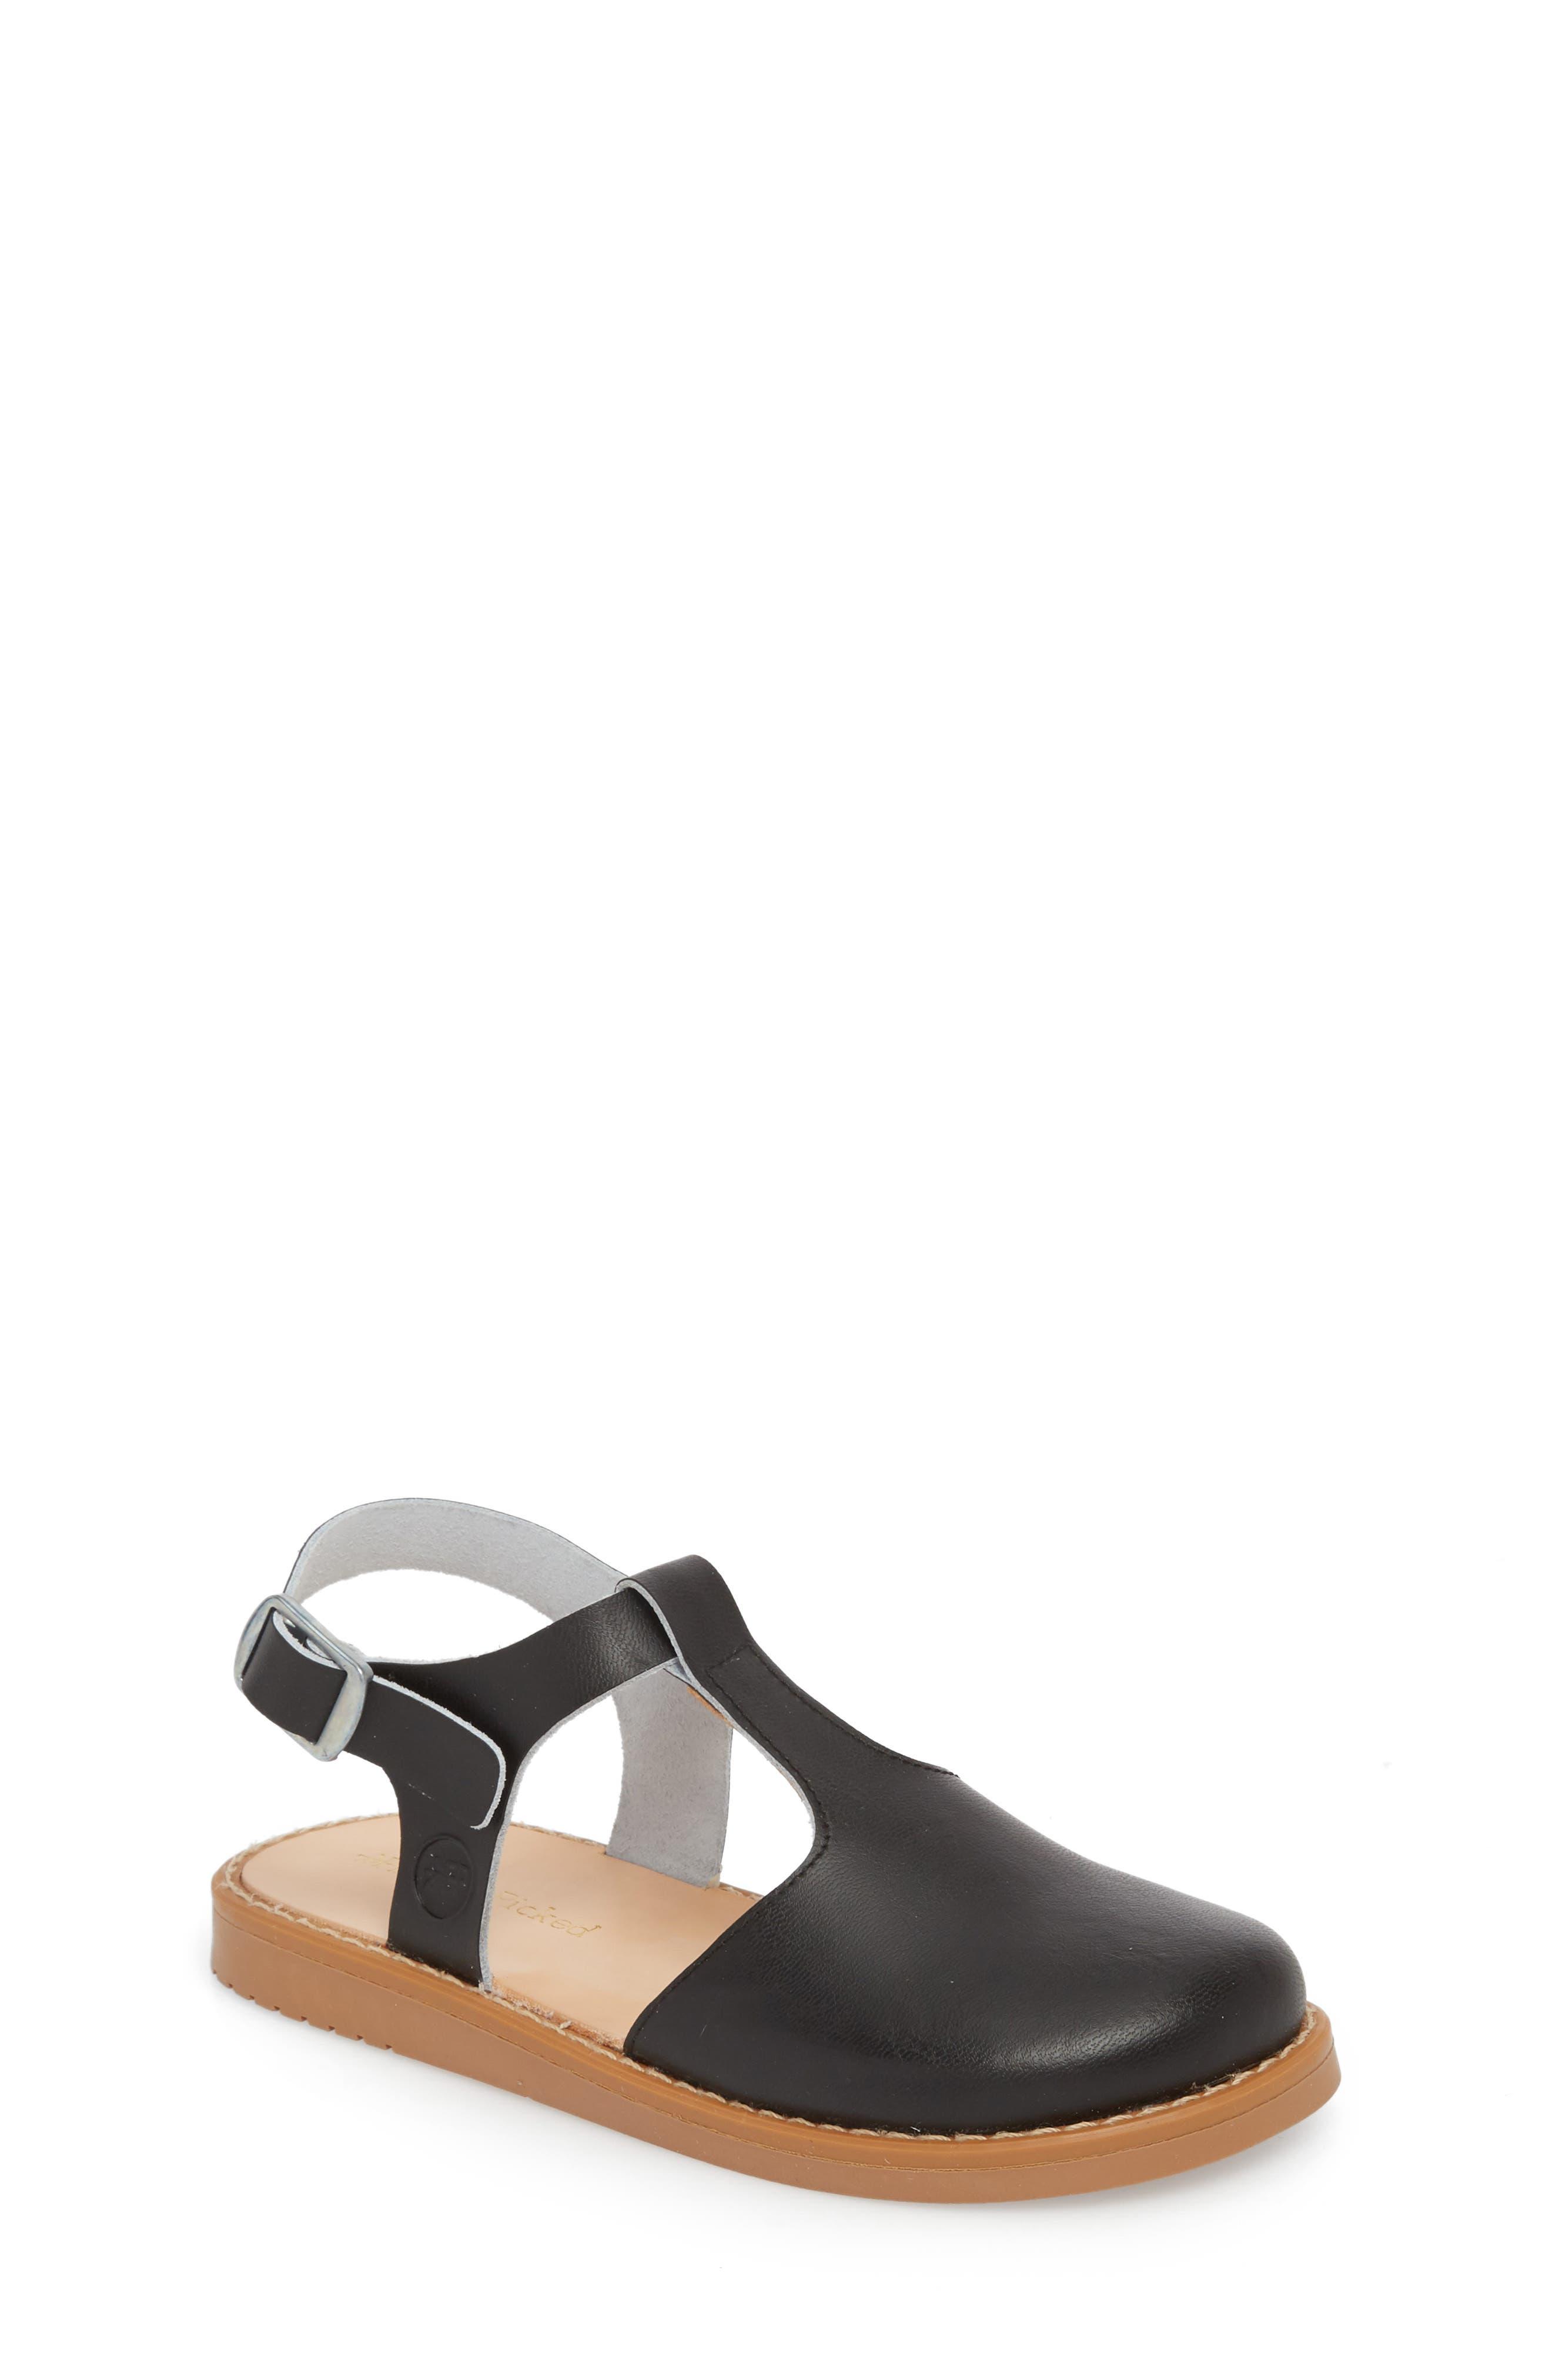 Newport Clog Sandal,                         Main,                         color, BLACK